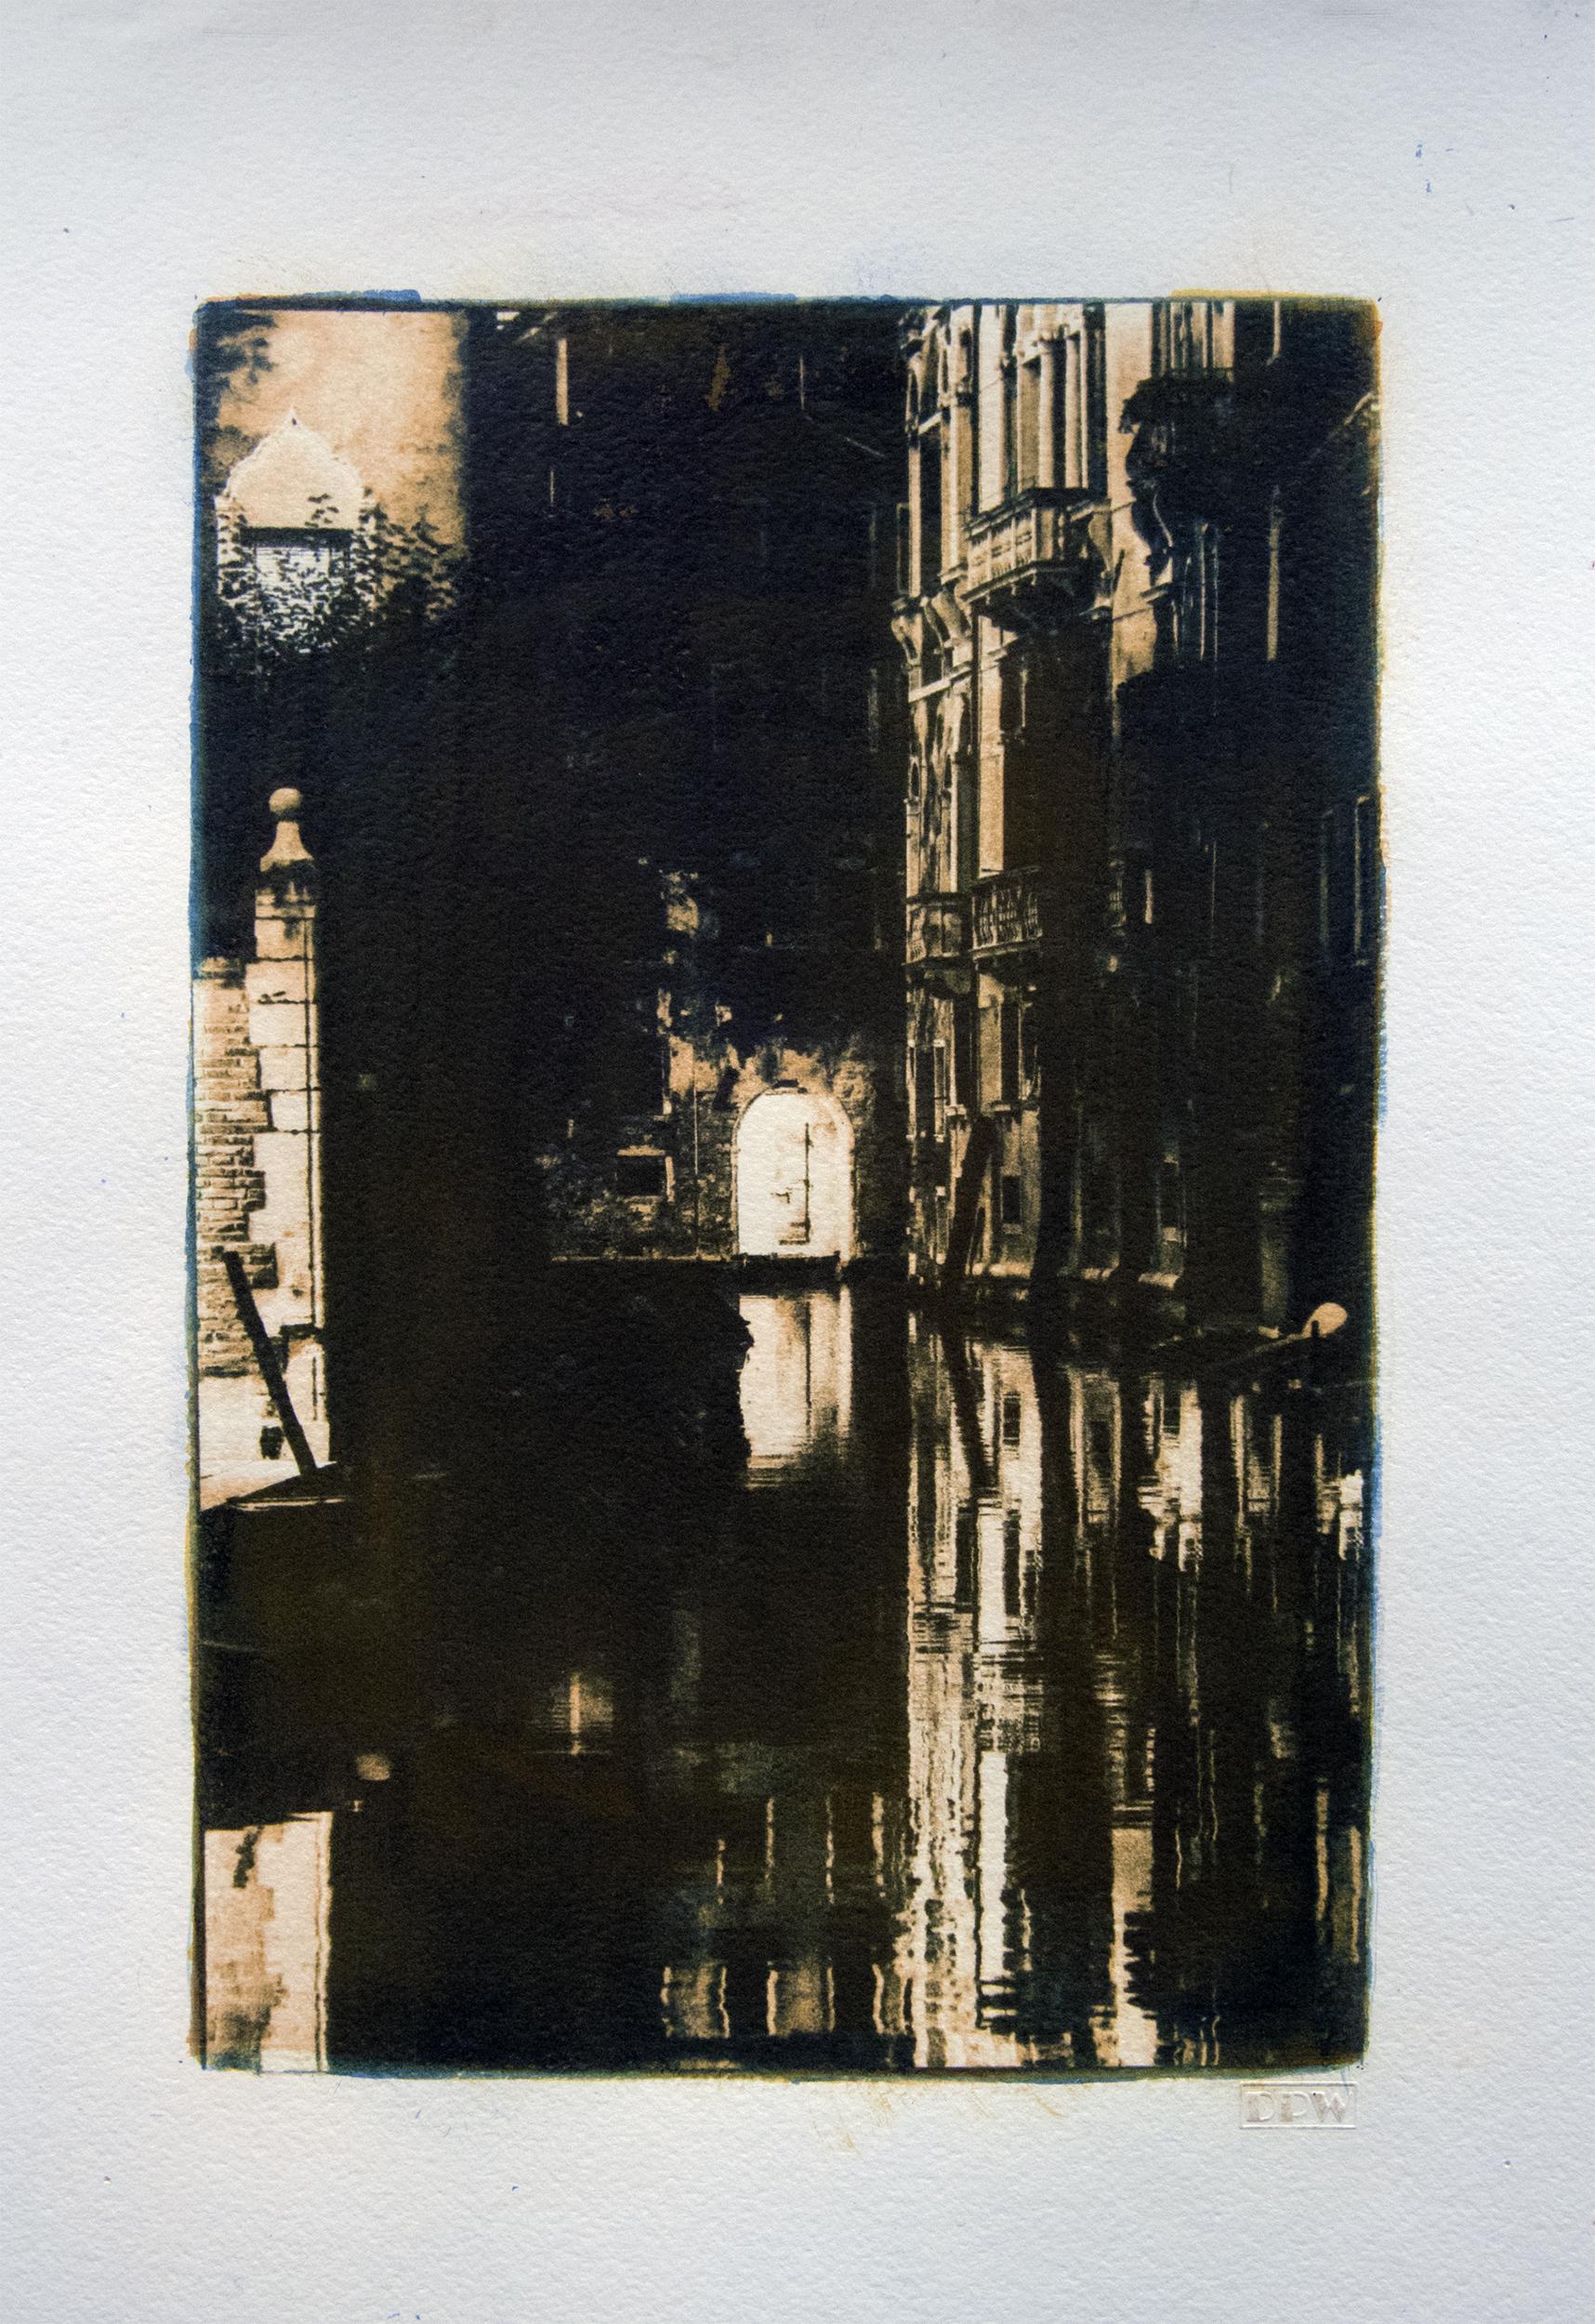 'Nocturne' Venice